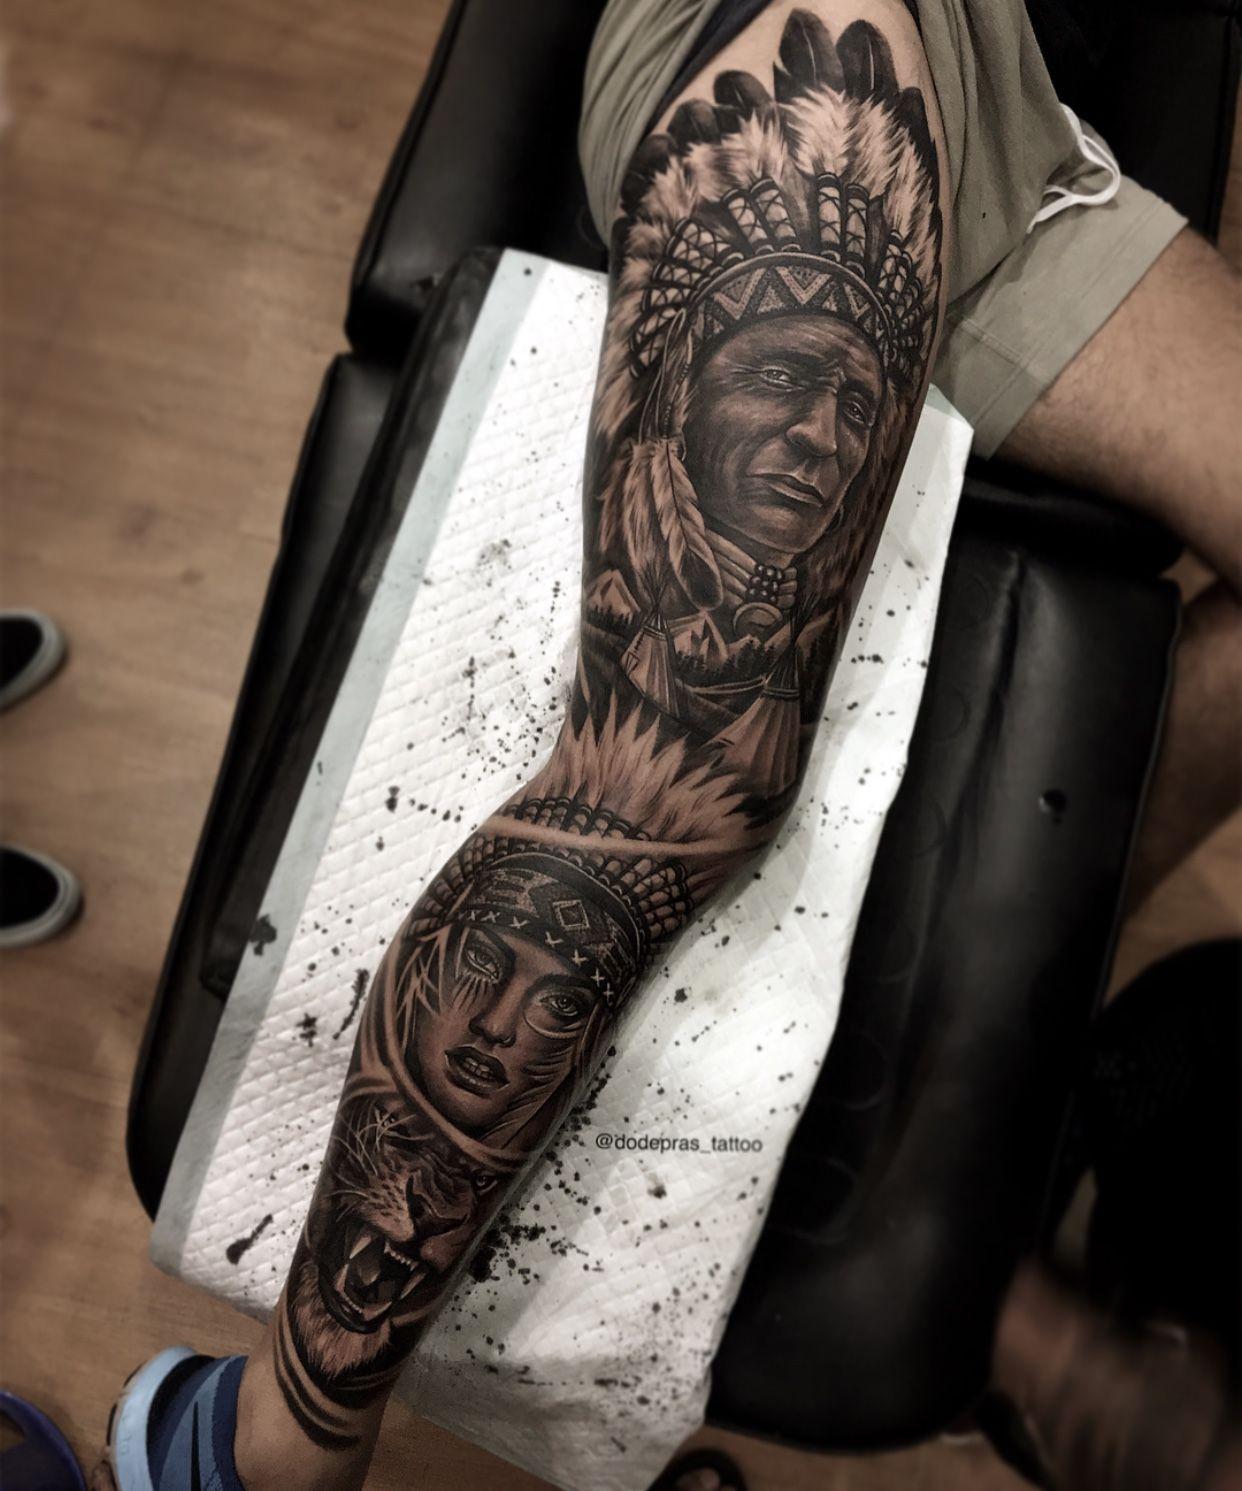 d972f4b90bf3f Leg sleeve | Leg tats | Tatuagens na perna masculinas, Ideias de ...